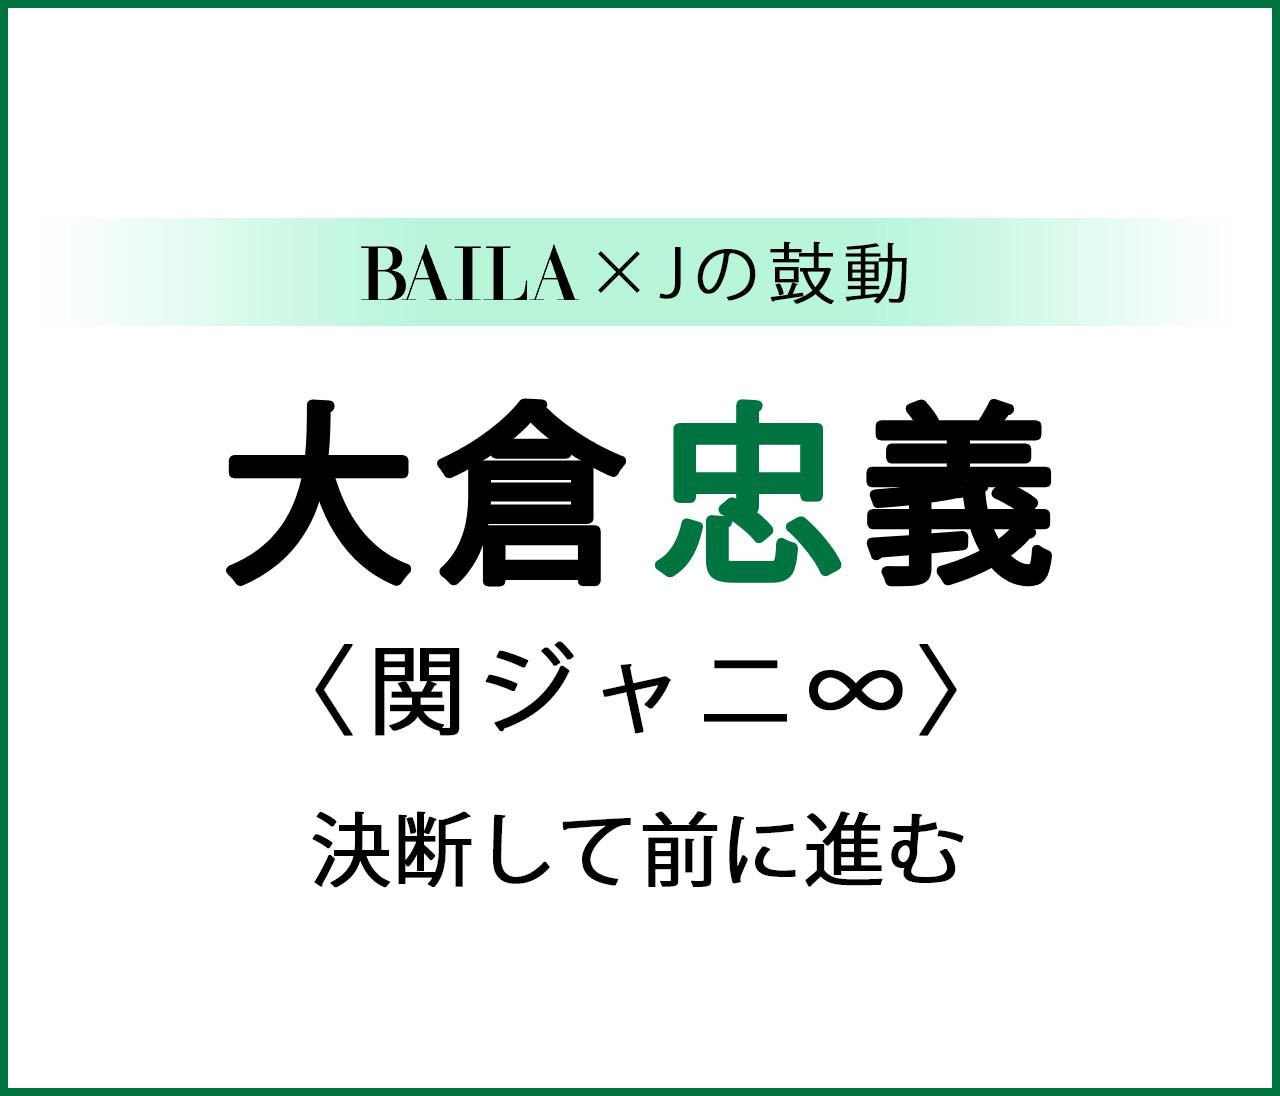 【 #関ジャニ∞ #大倉忠義 】関ジャニ∞ 大倉忠義スペシャルインタビューvol.1【BAILA × Jの鼓動】